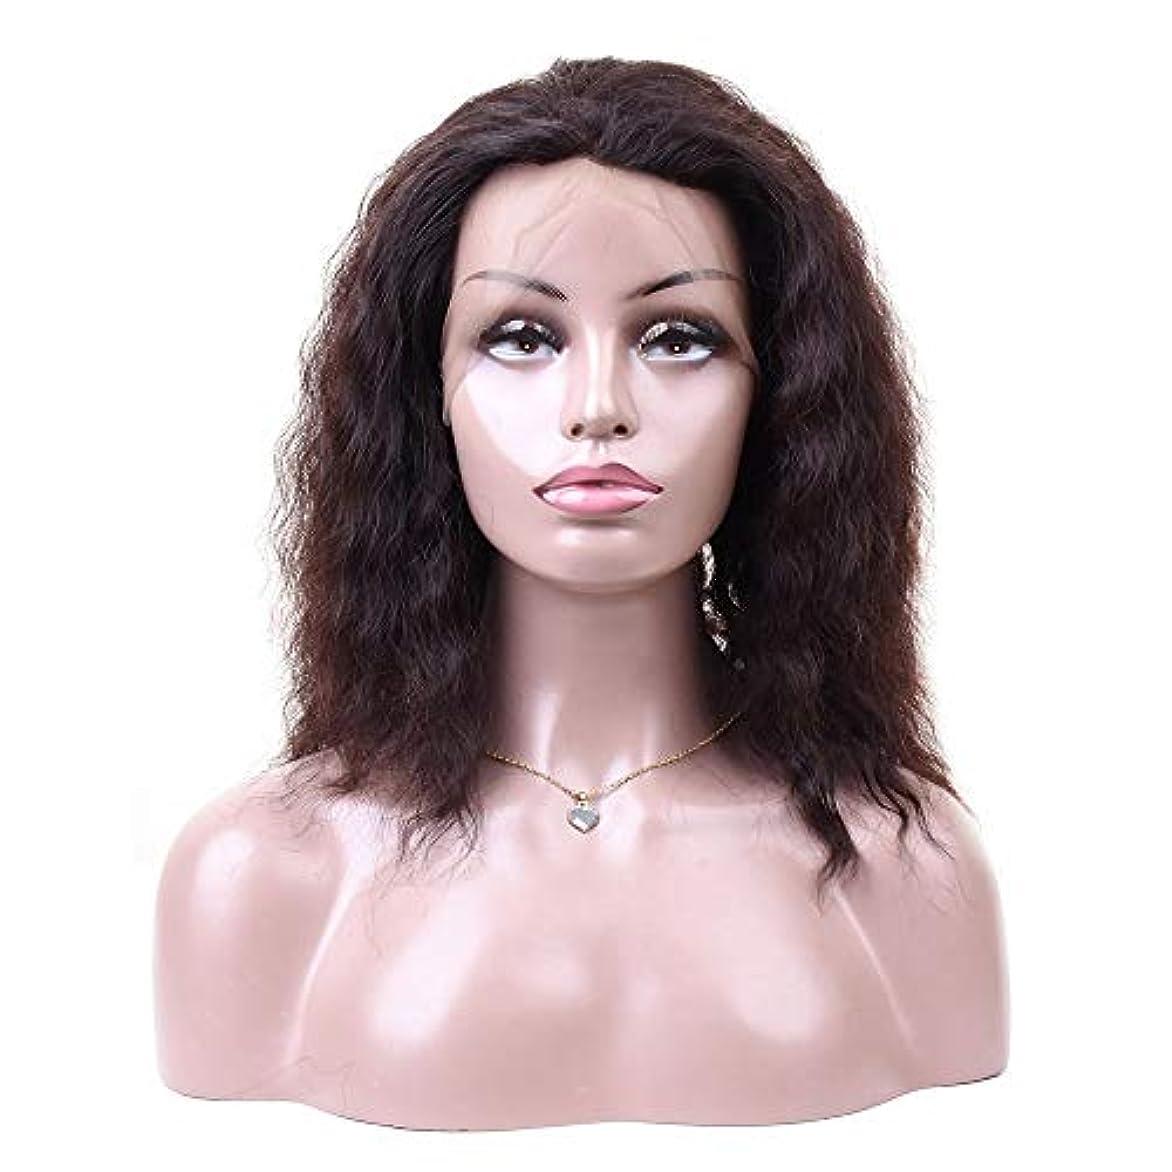 避けられない糸矢じりMayalina 360レース前頭閉鎖ディープウェーブレース前頭人間の髪の毛のかつら自然な女性の合成かつらレースのかつらロールプレイングかつら (色 : 黒, サイズ : 16 inch)